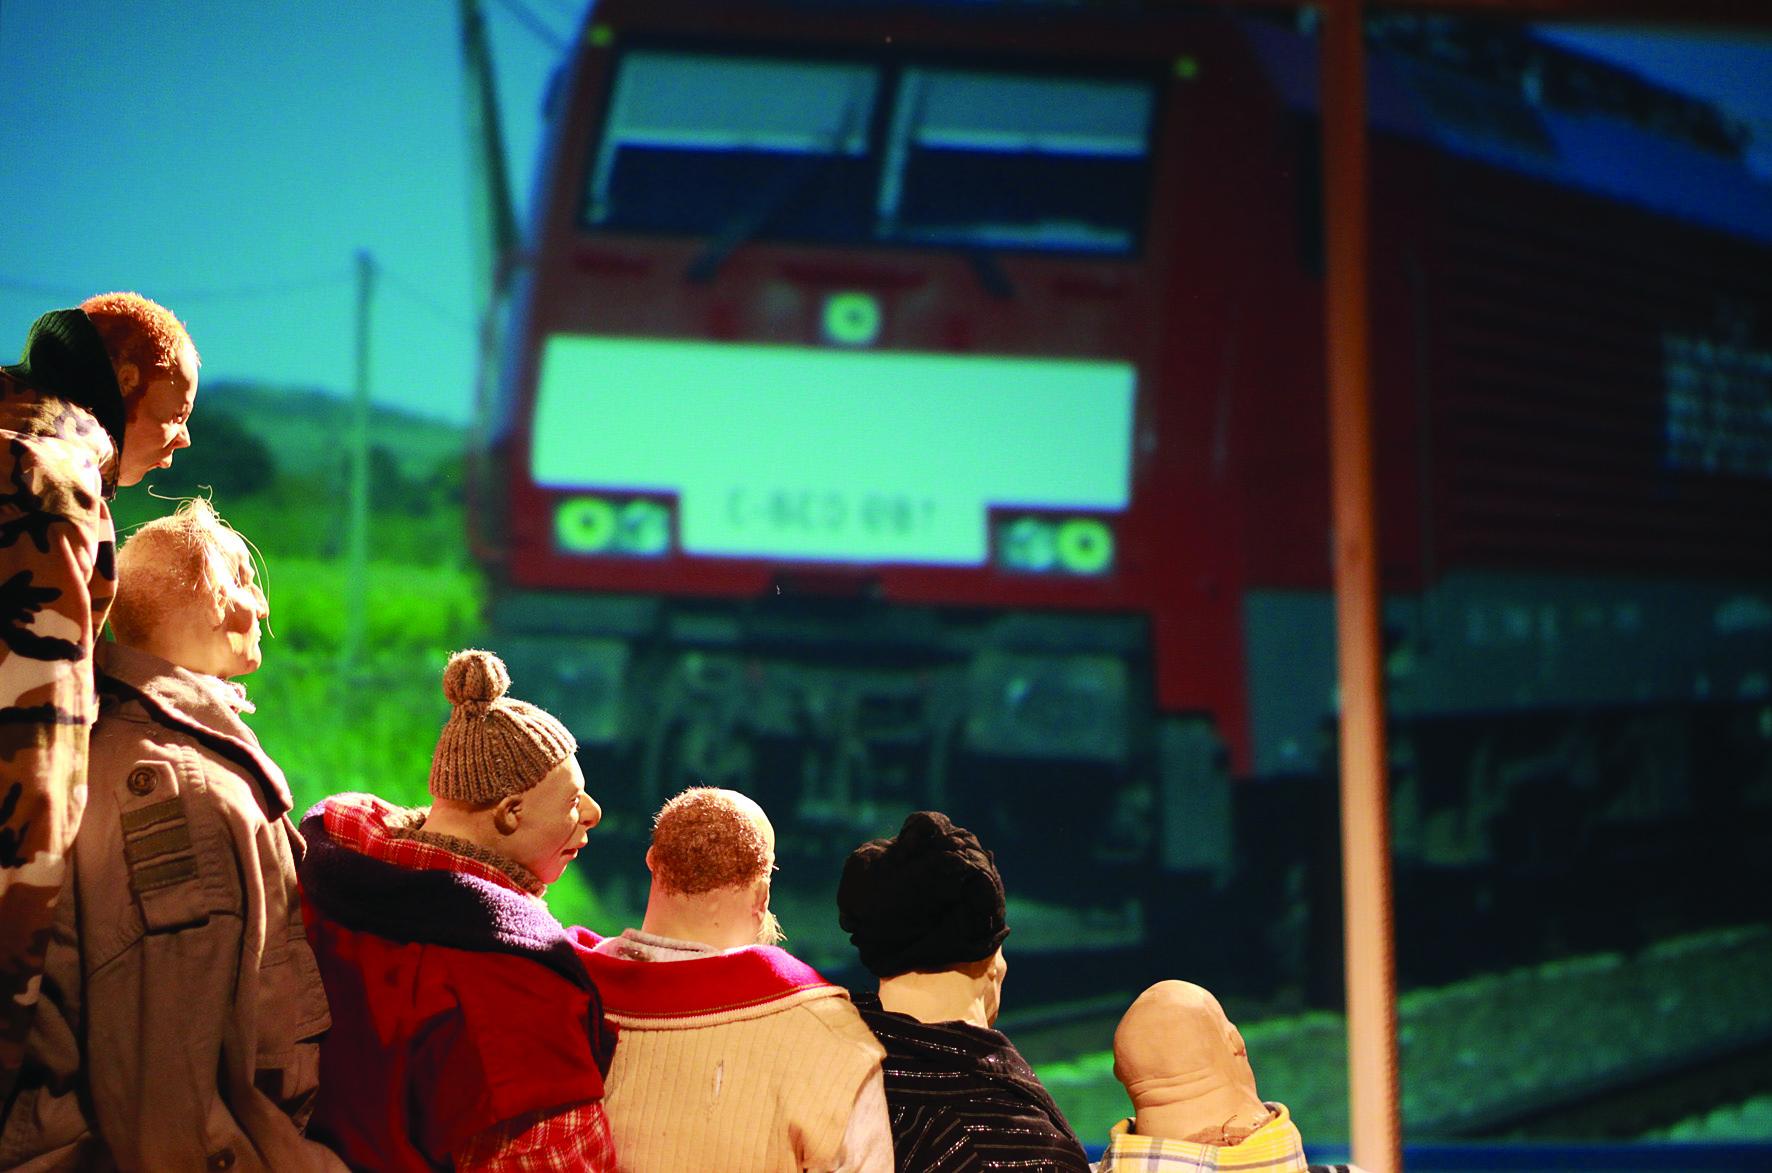 intercity-8-das-weite-theater-spiel-christine-m%ef%bf%bdller-irene-wintertorsten-gesser-martin-karl_foto-peter-koppatsch